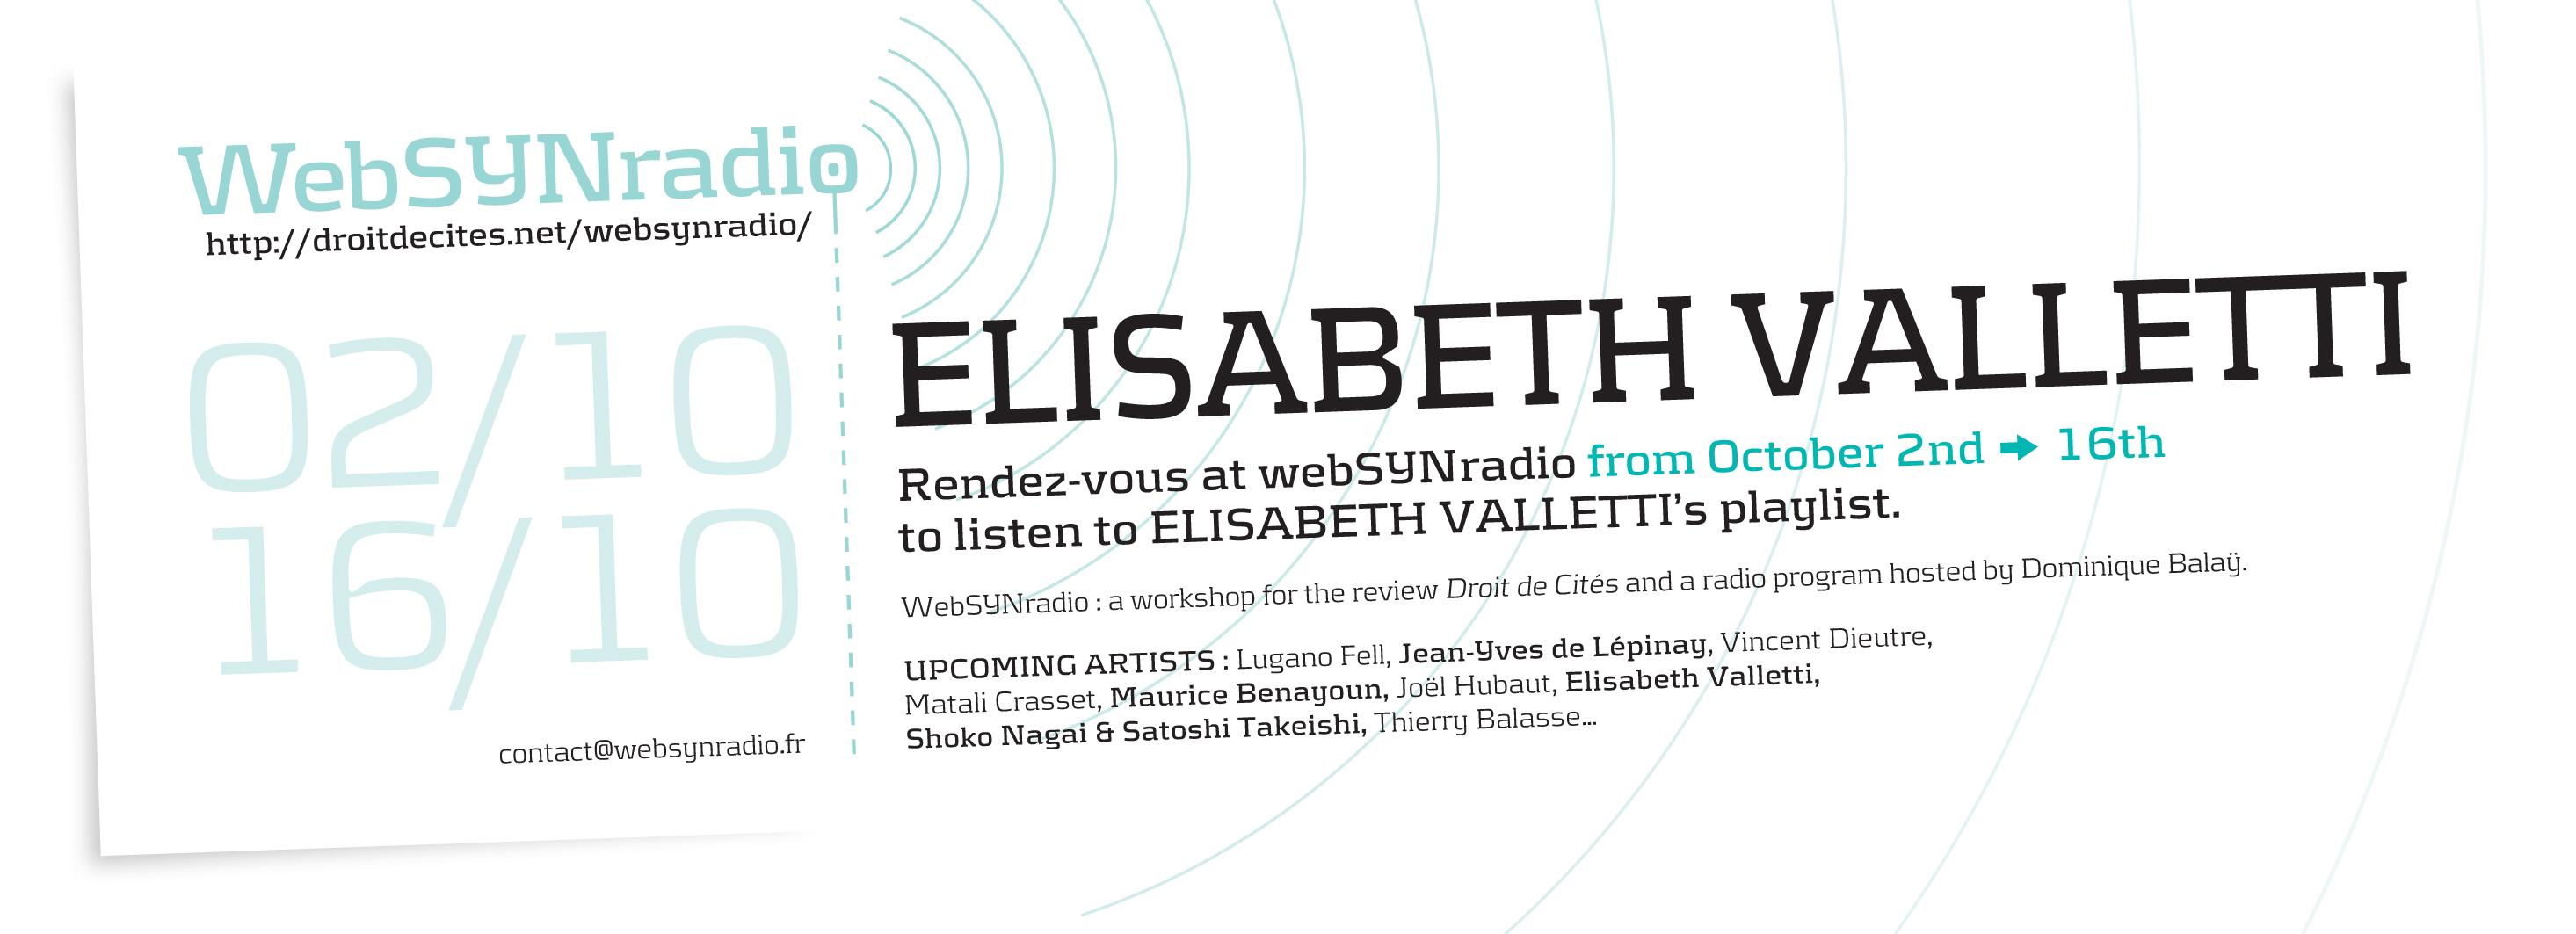 webSYNradio flyer168 Elisabeth Valletti eng Actus